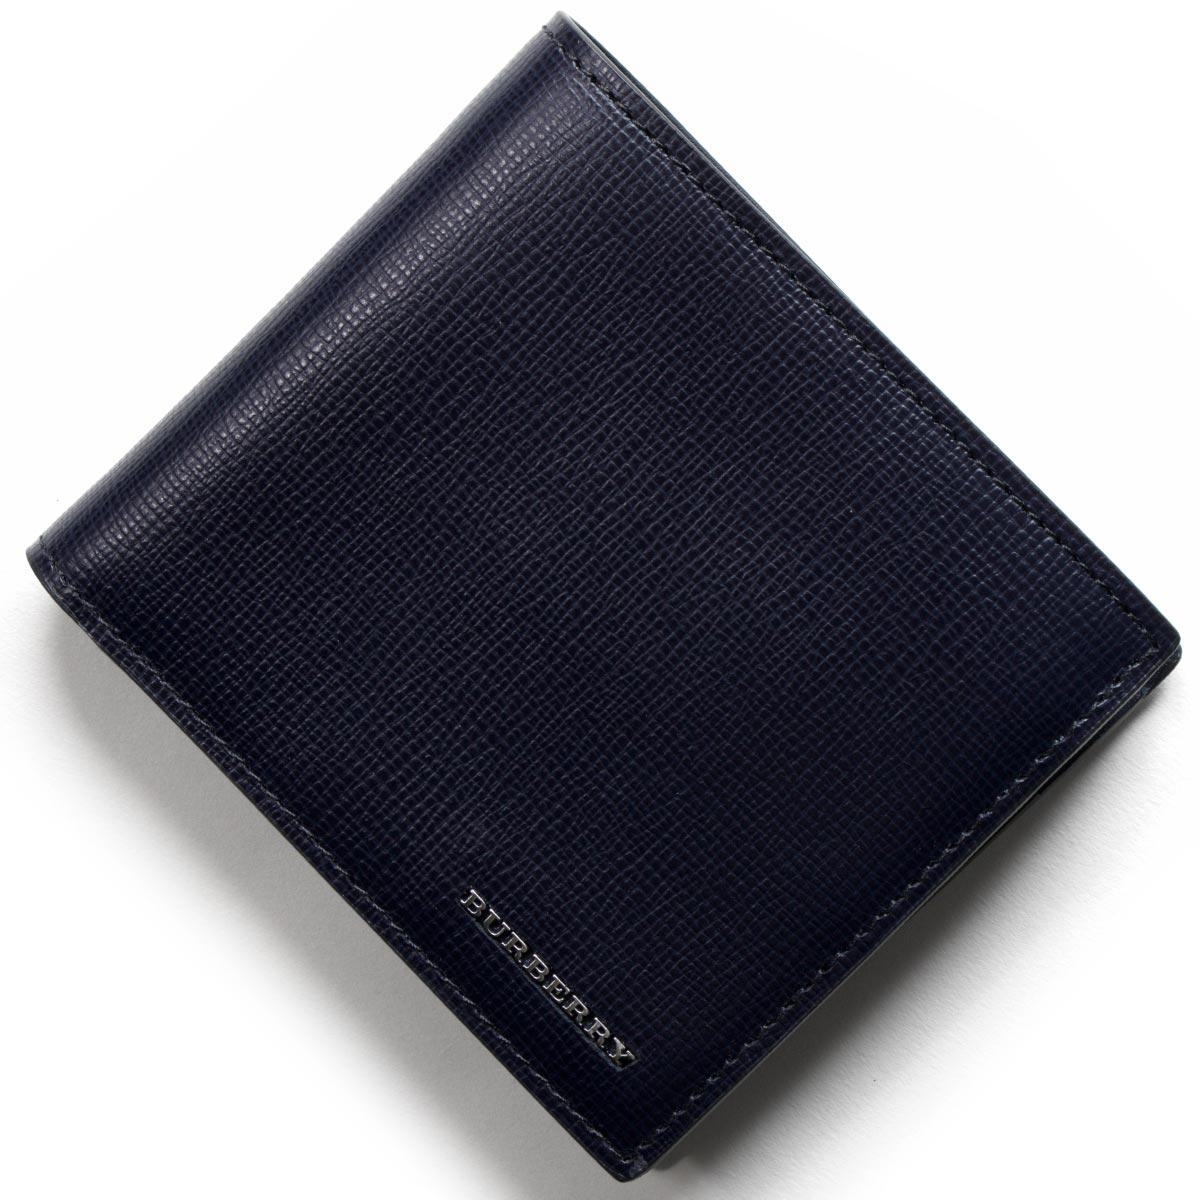 バーバリー BURBERRY 二つ折り財布 ロンドン 【LONDON】 ダークネイビー 3997620 41100 メンズ